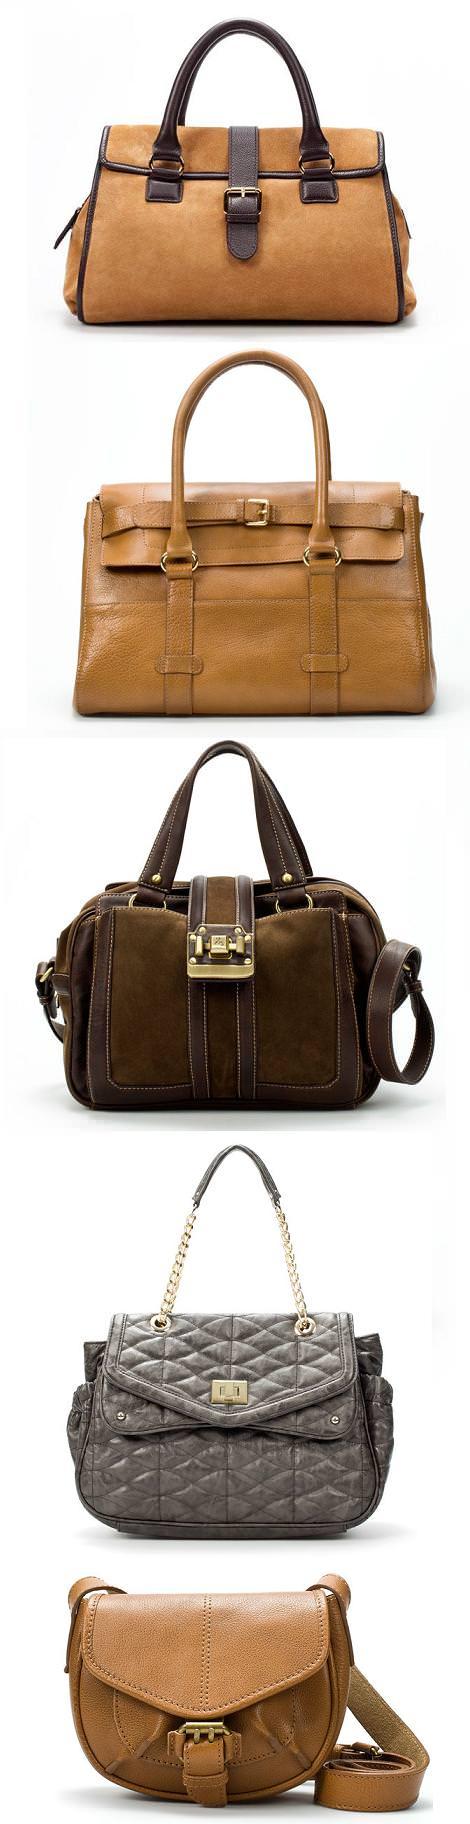 Nuevos bolsos de Zara (otoño invierno 2010 2011)